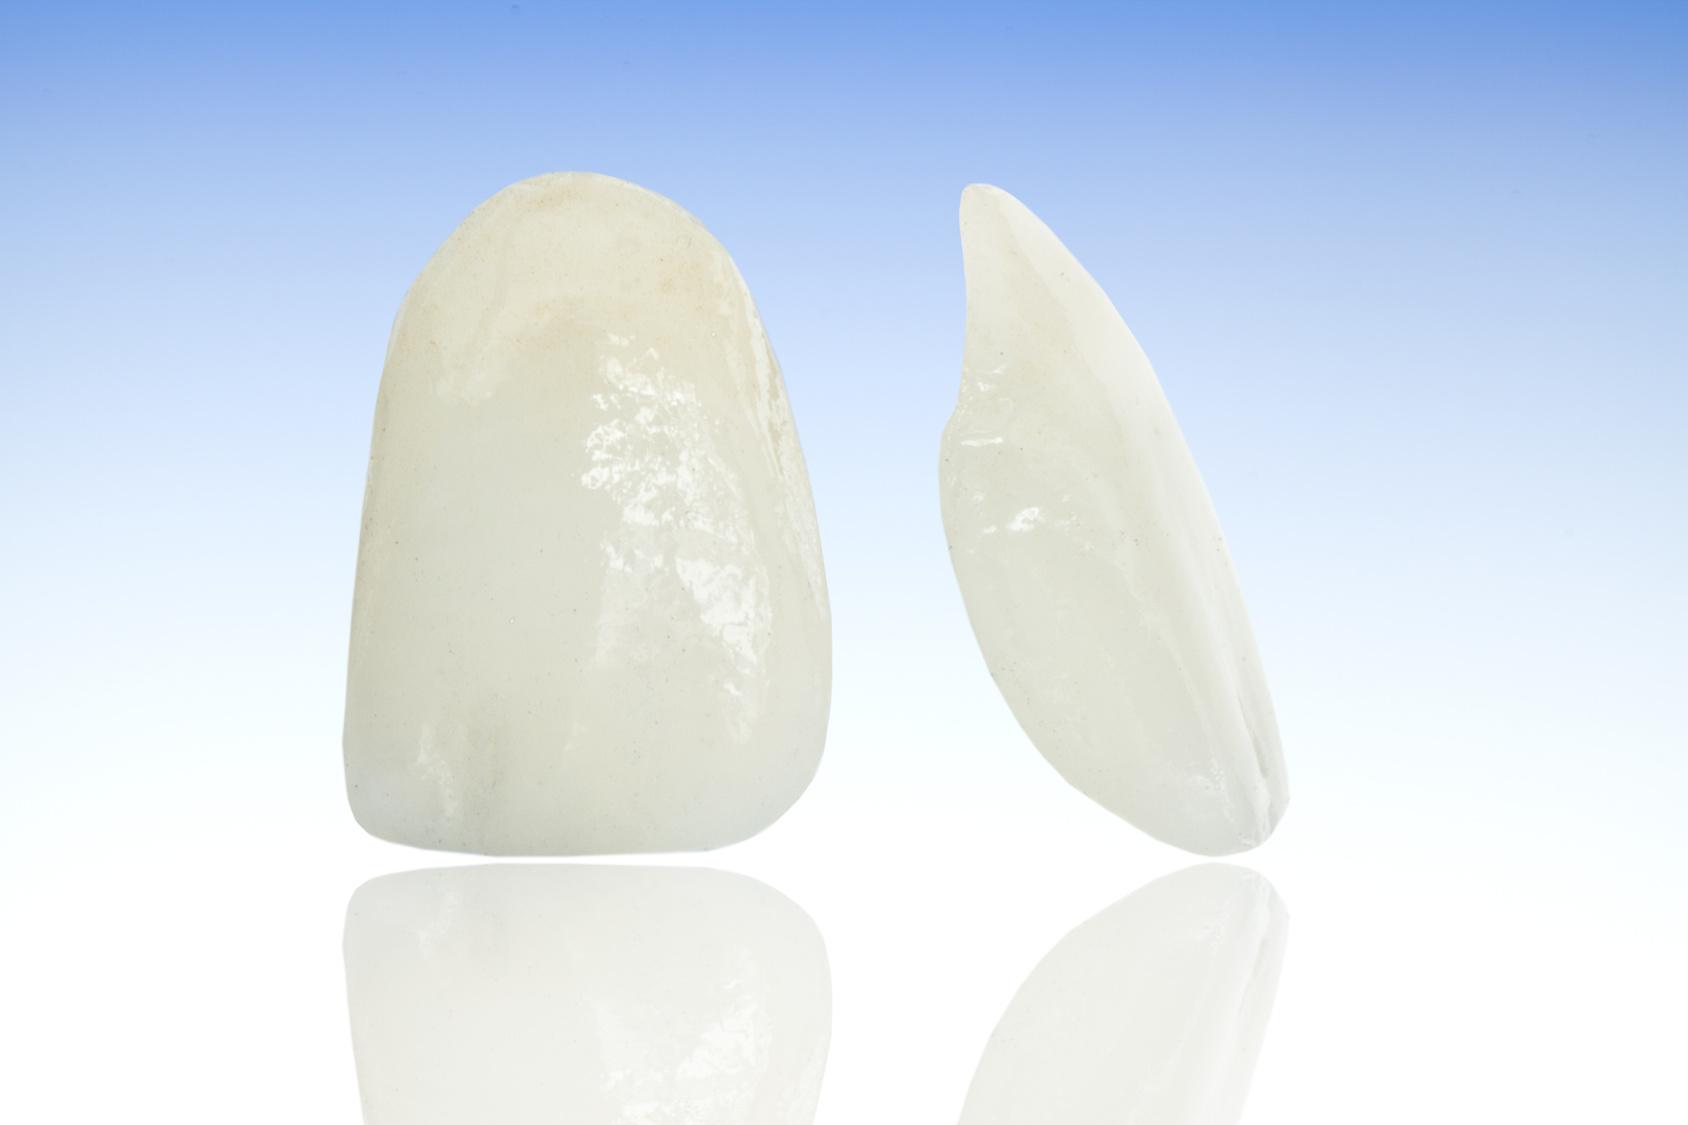 前歯のすき間をなくす「ラミネートべニア治療」